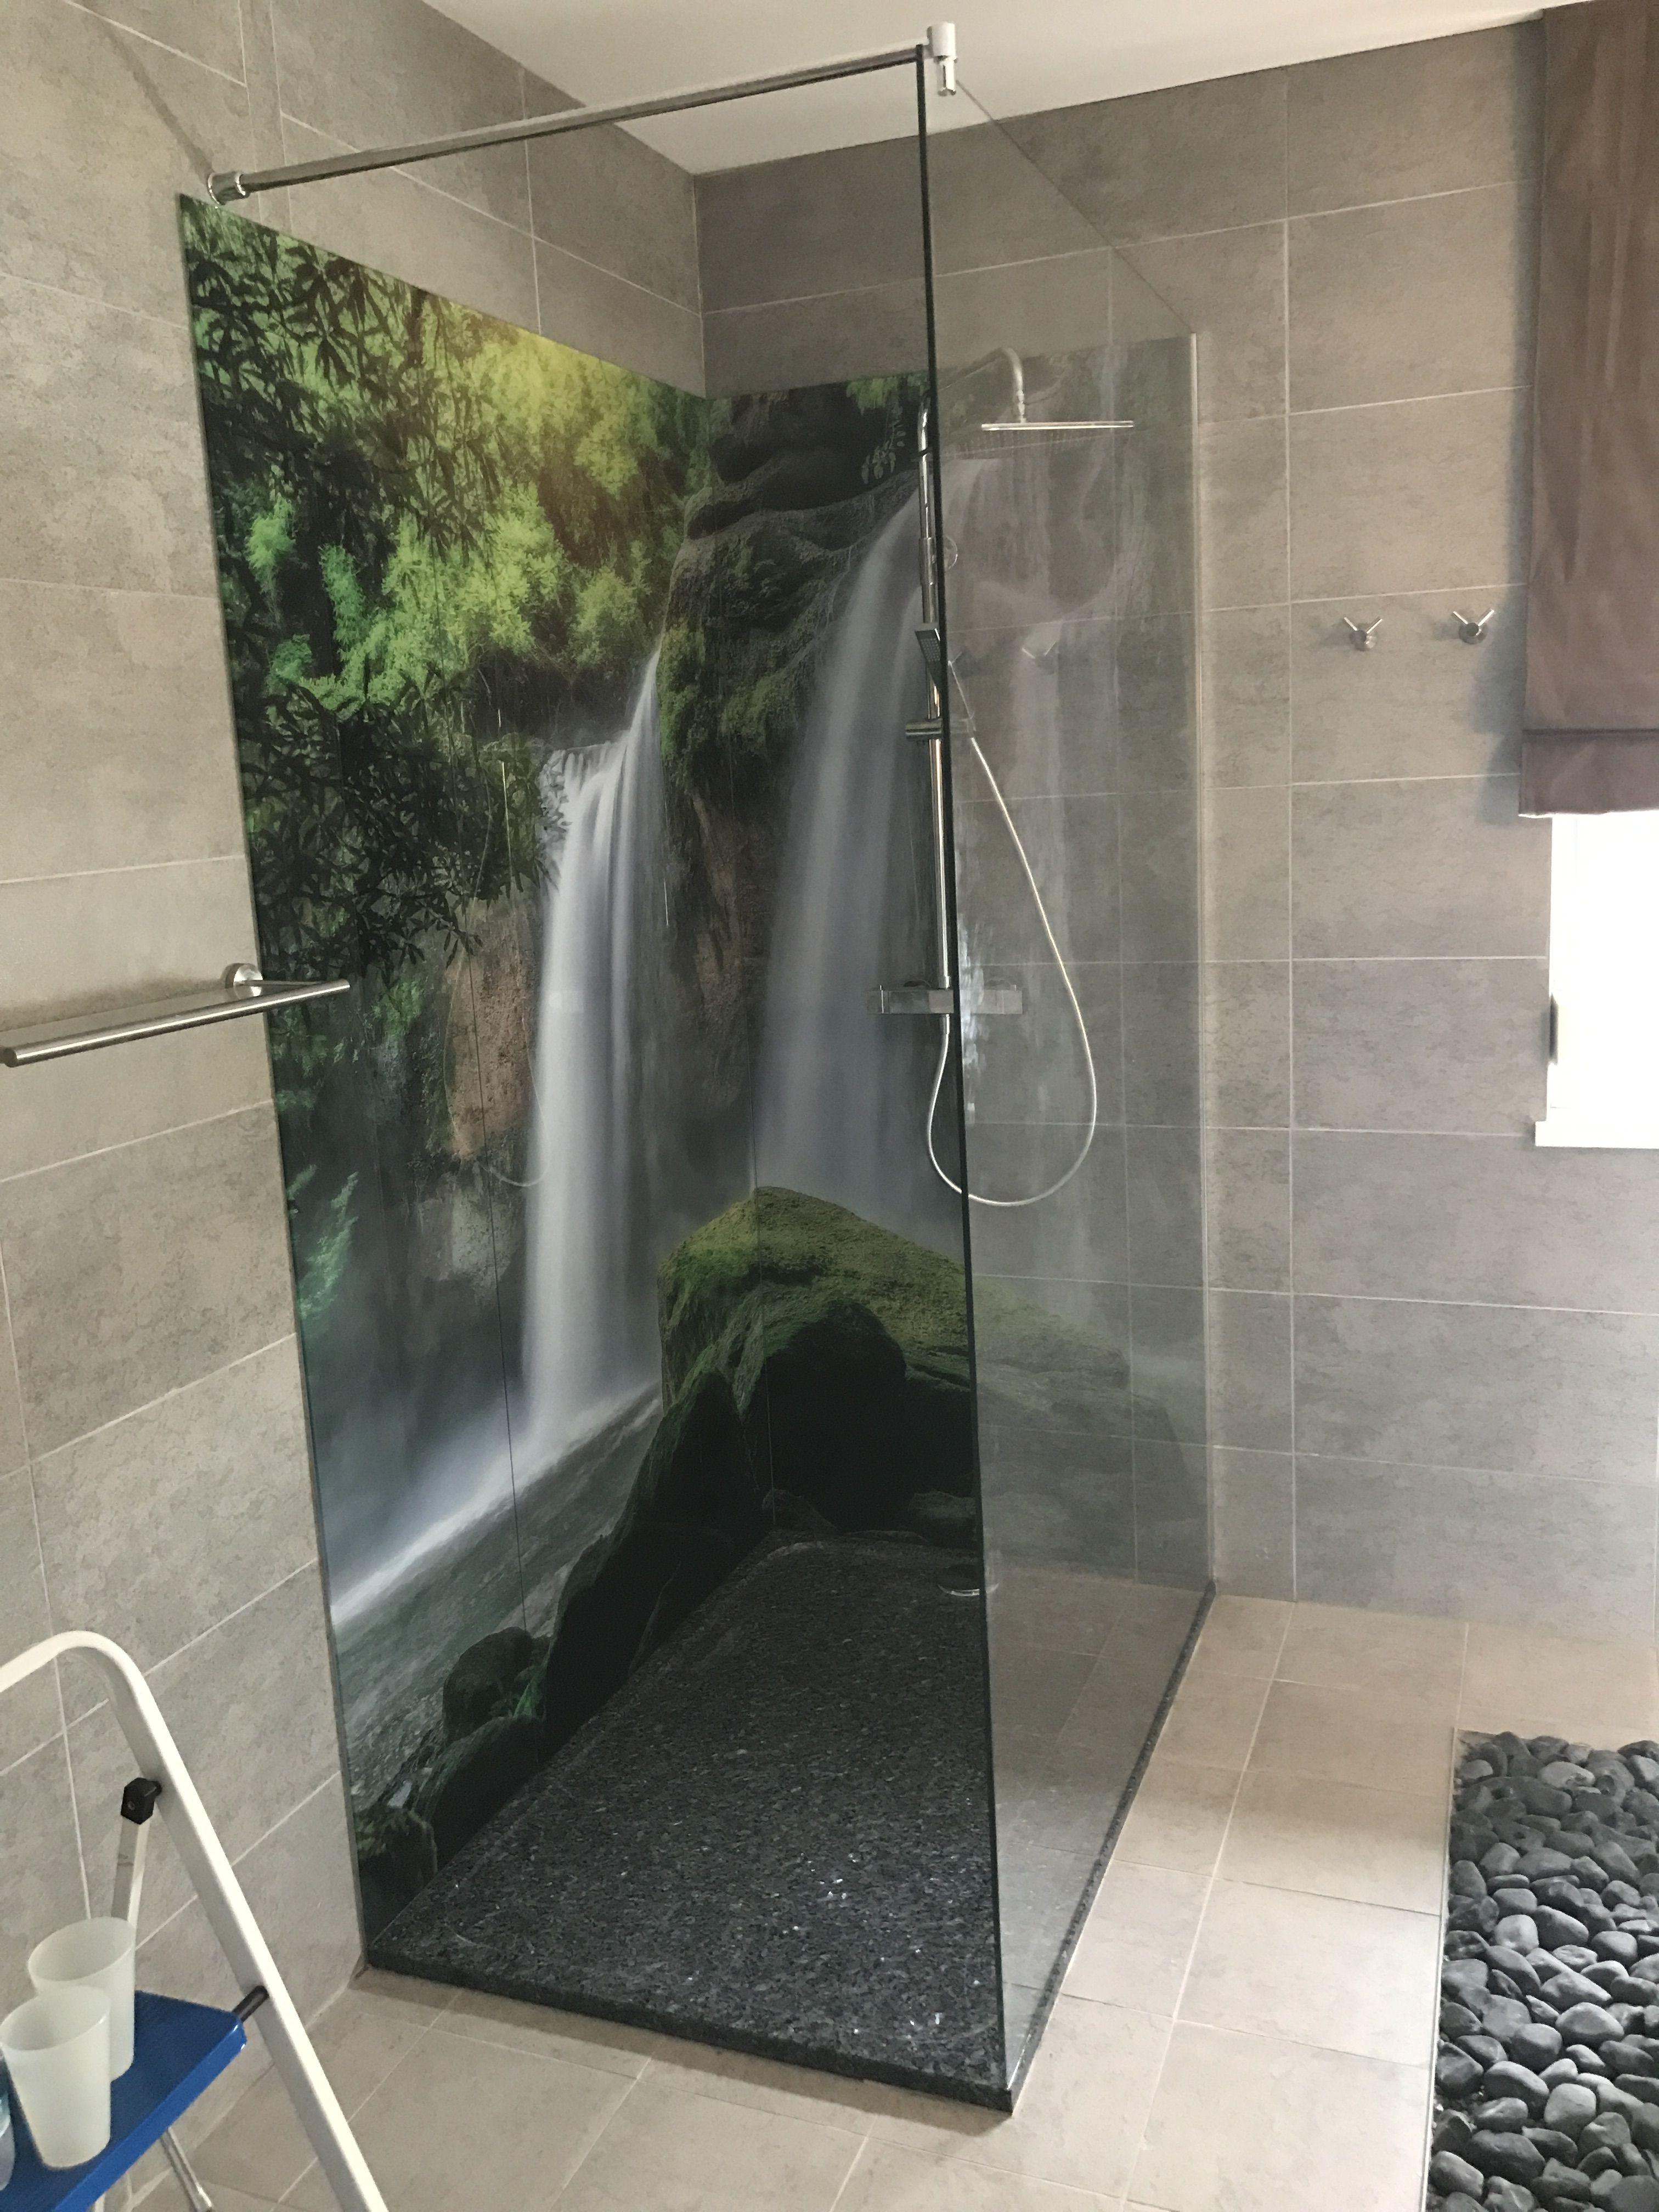 Rückwand der Dusche aus Glas Bedruckt /Wasserfall Gläser